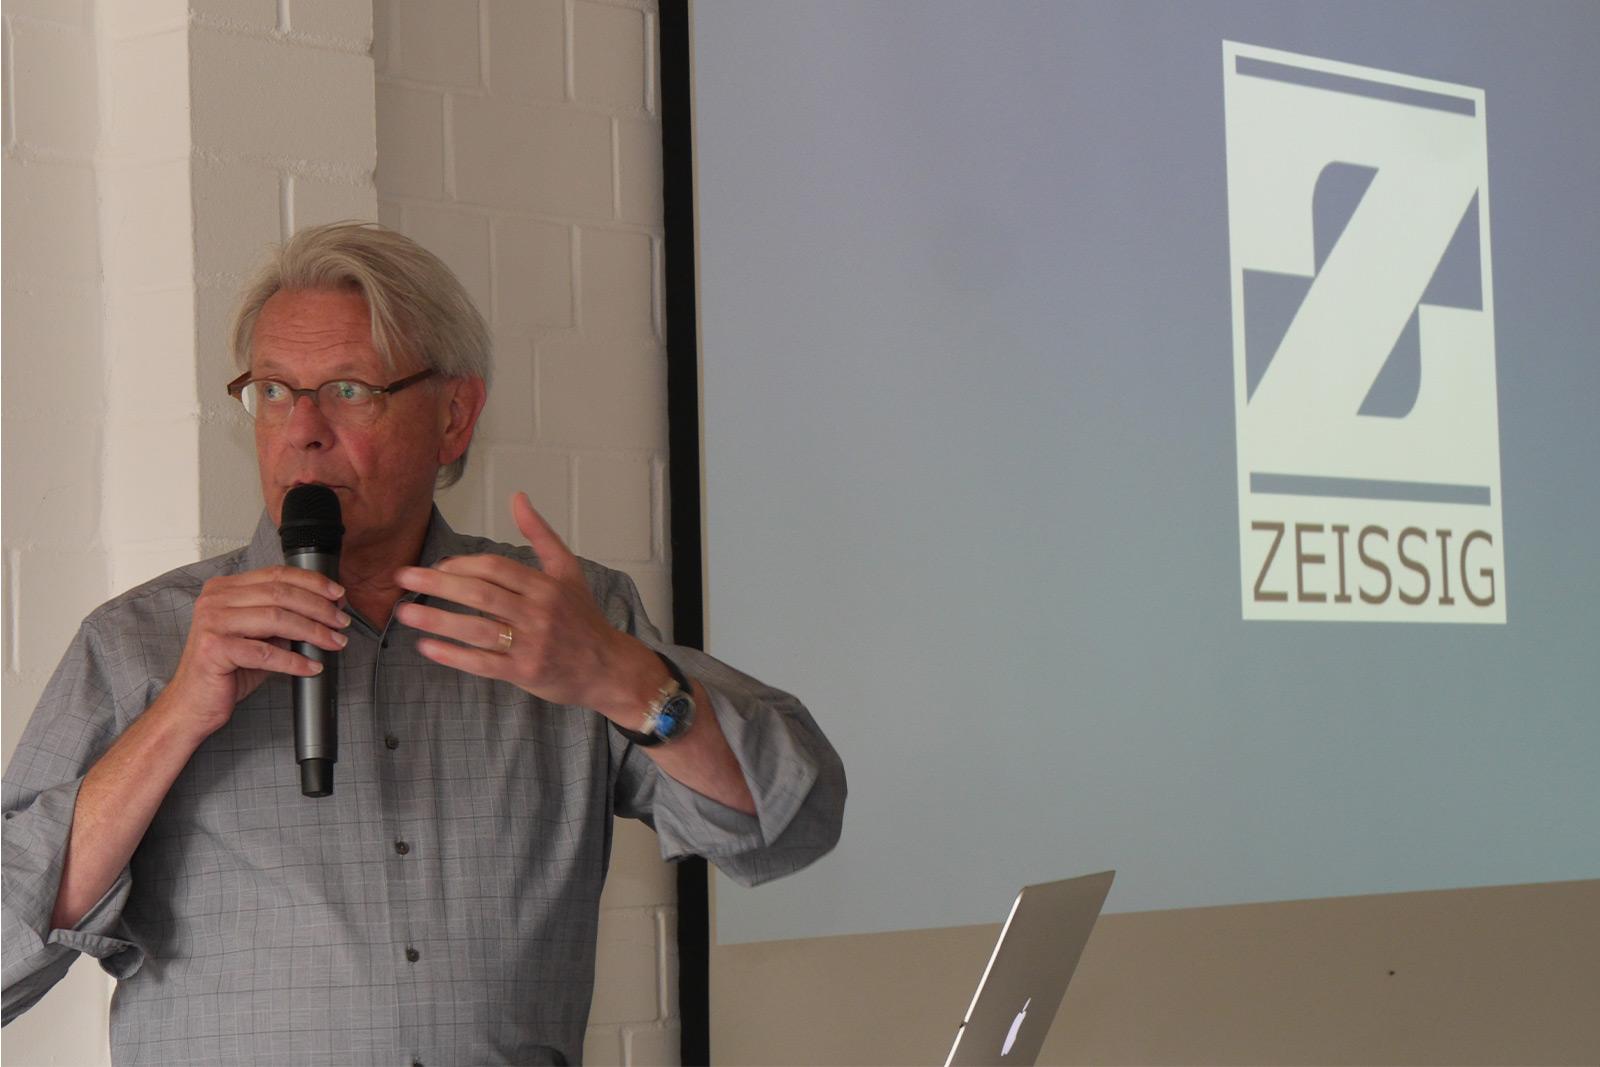 Geschäftsführer Hartmut Zeissig verabschiedet das alte Logo